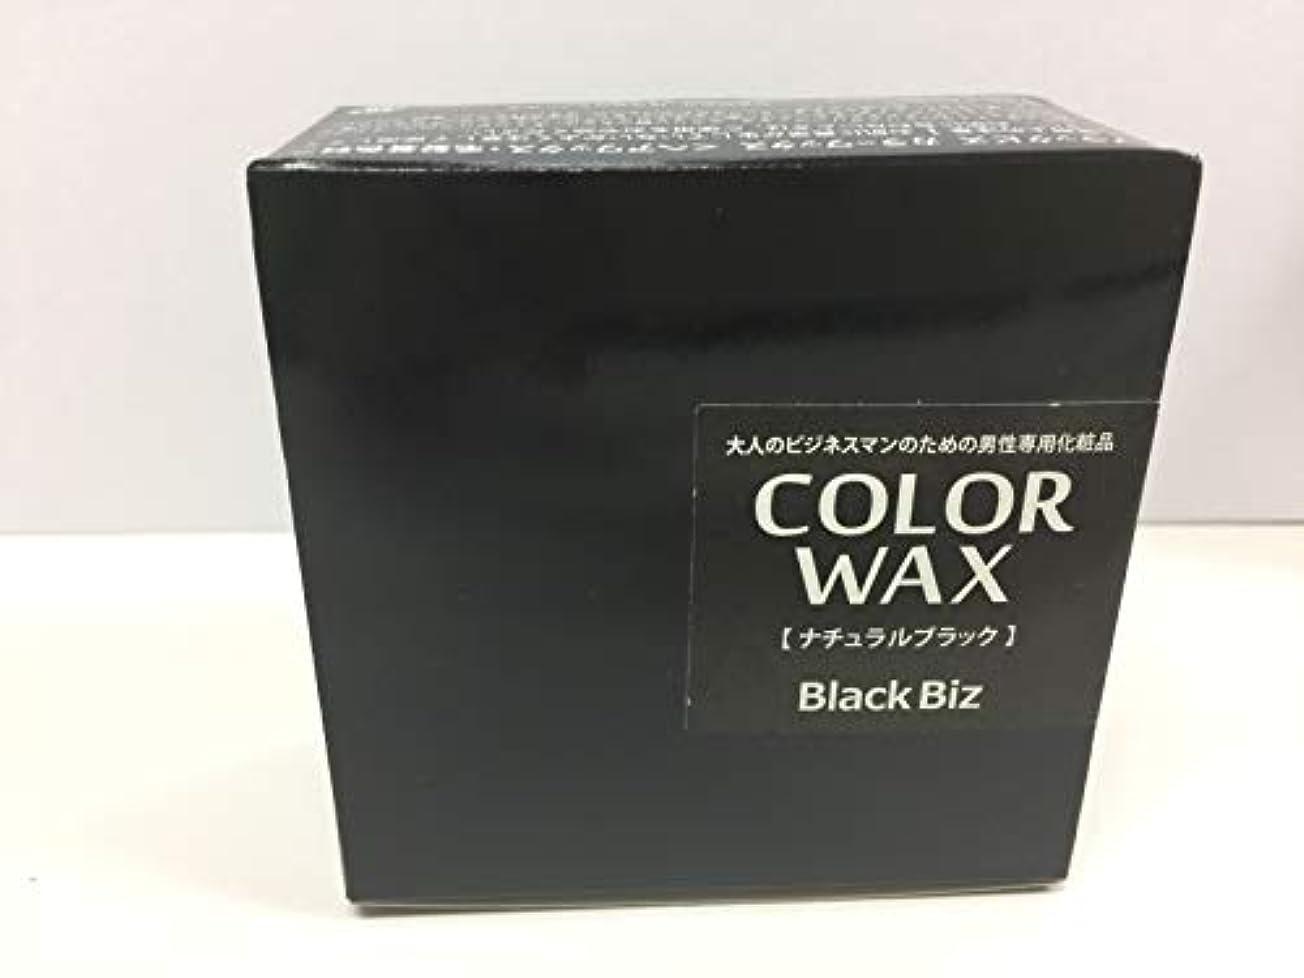 遅らせる糞球体大人のビジネスマンのための男性専用化粧品 BlackBiz COLOR WAX ブラックビズ カラーワックス 【ナチュラルブラック】